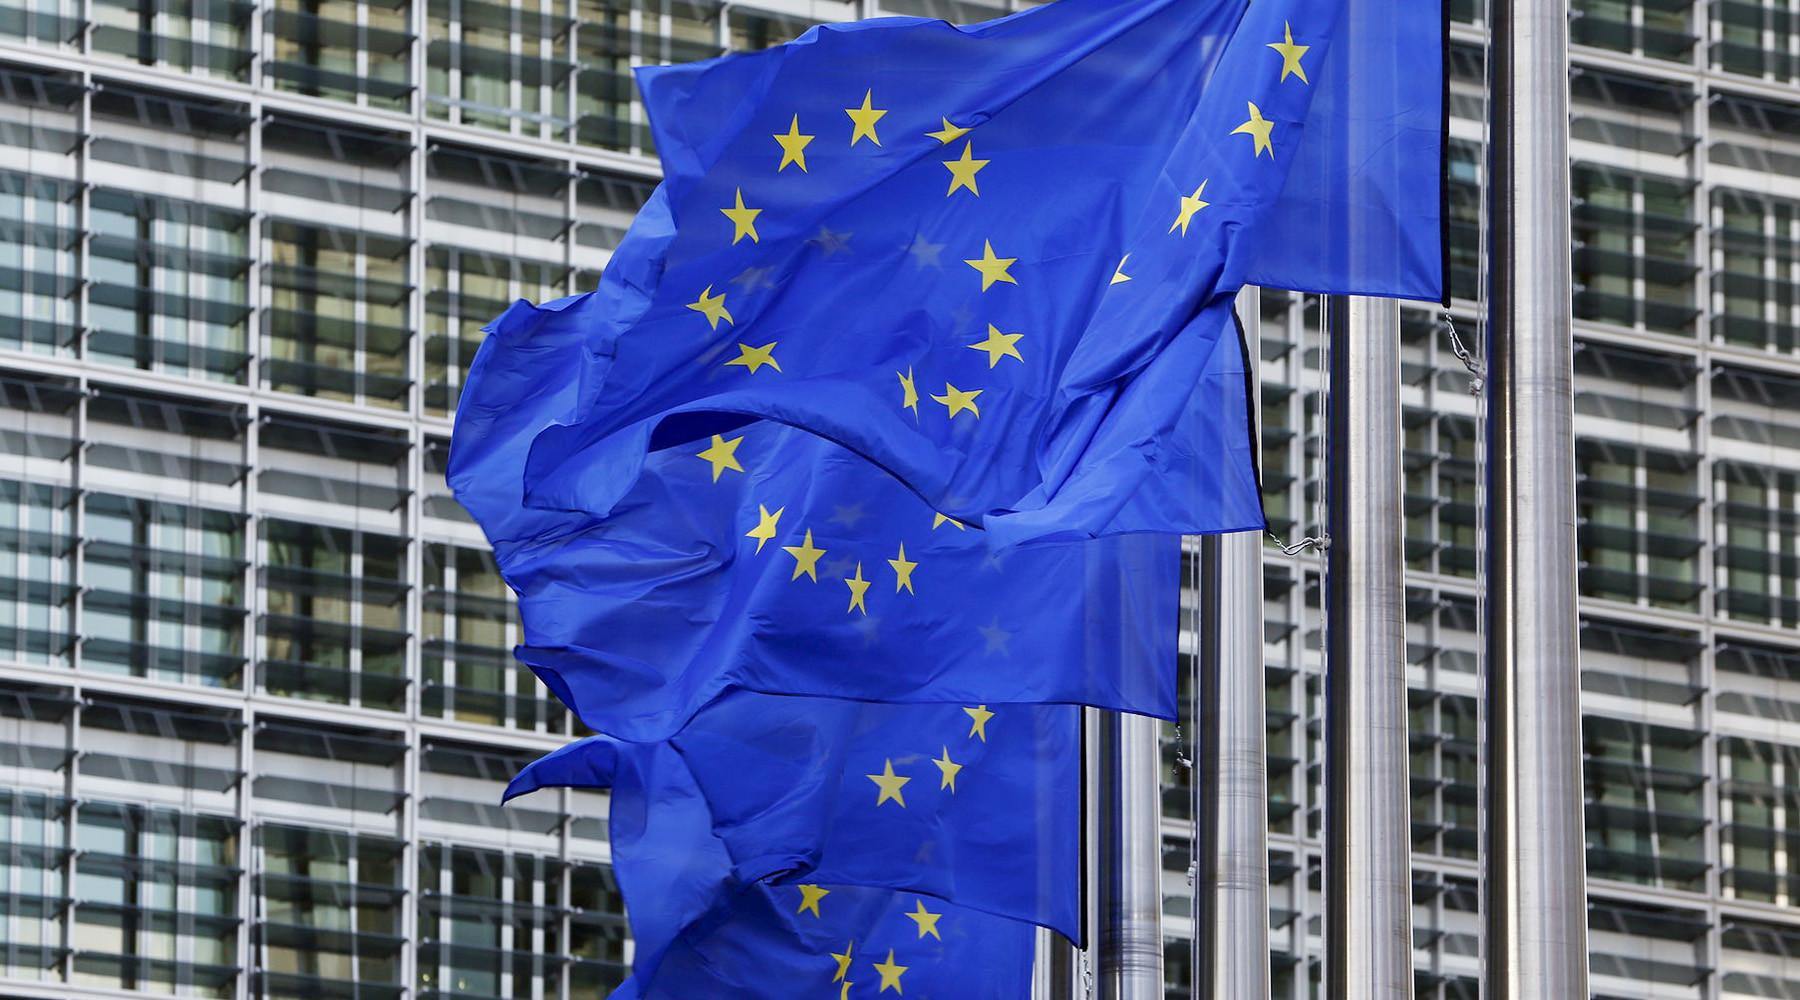 Евросоюз выделил €2,8 млн на реформы госуправления в Молдавии